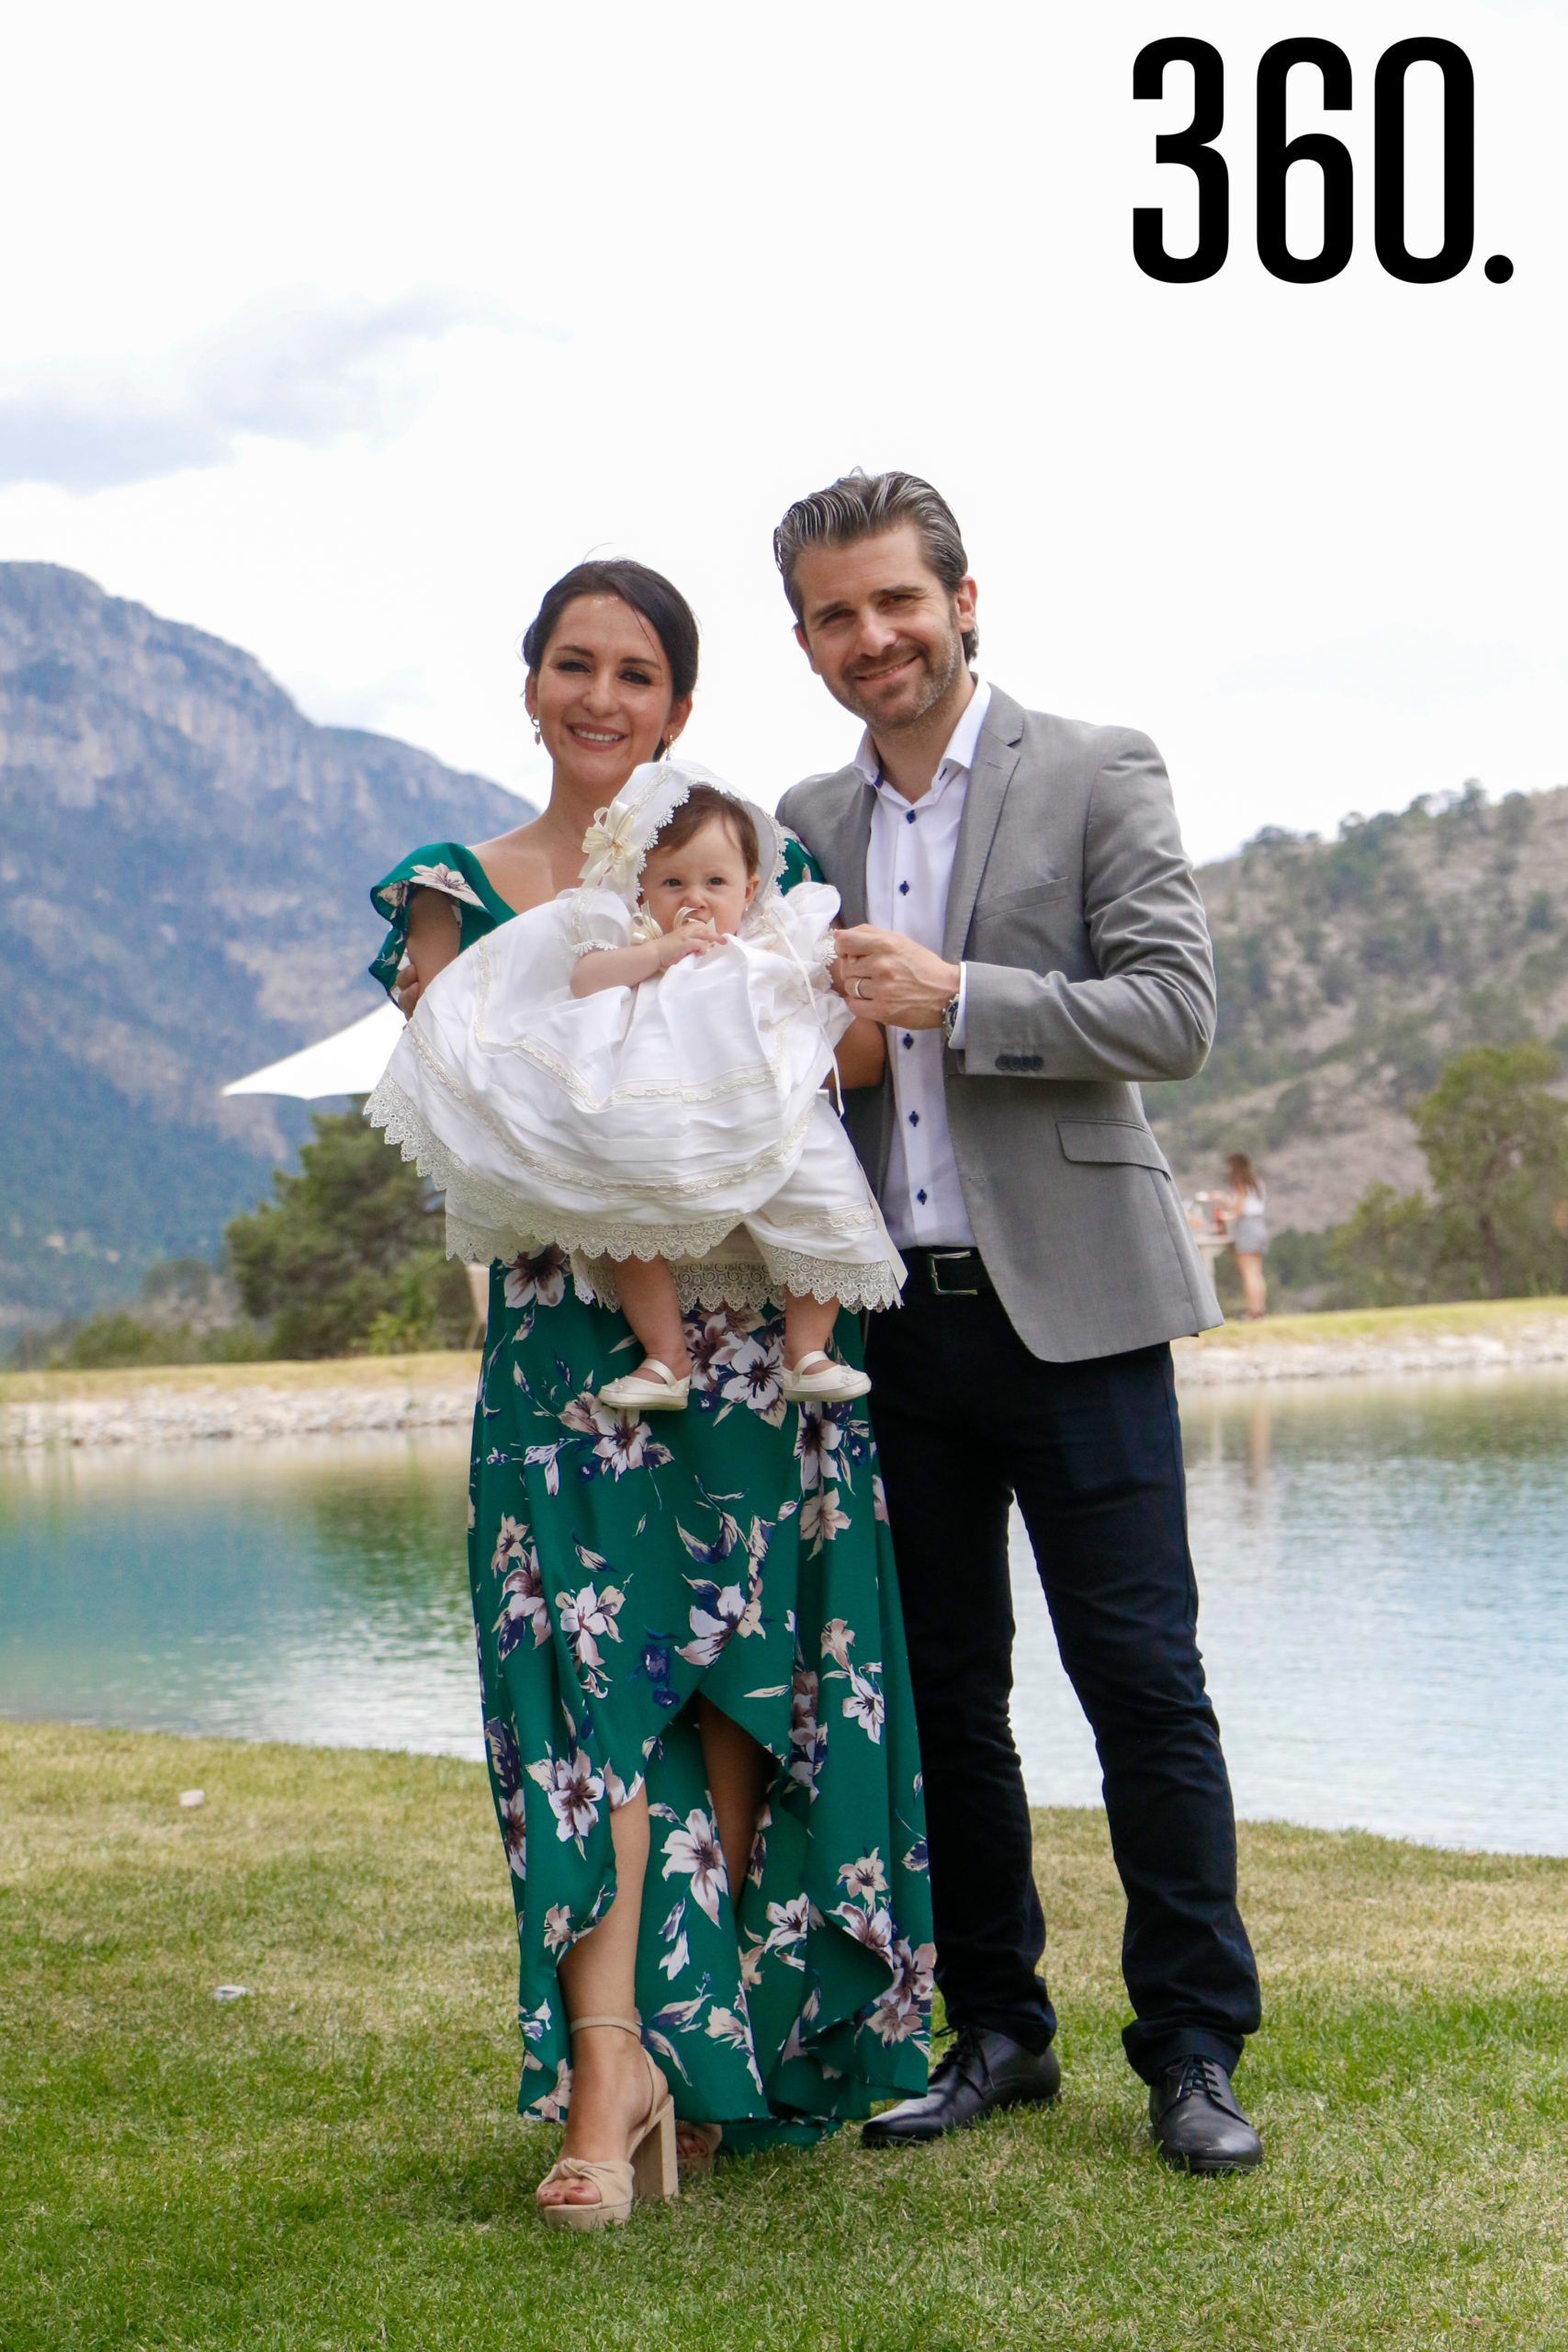 Isabella con sus padrinos, Erika Gallegos y Baris Emre Öztürk.